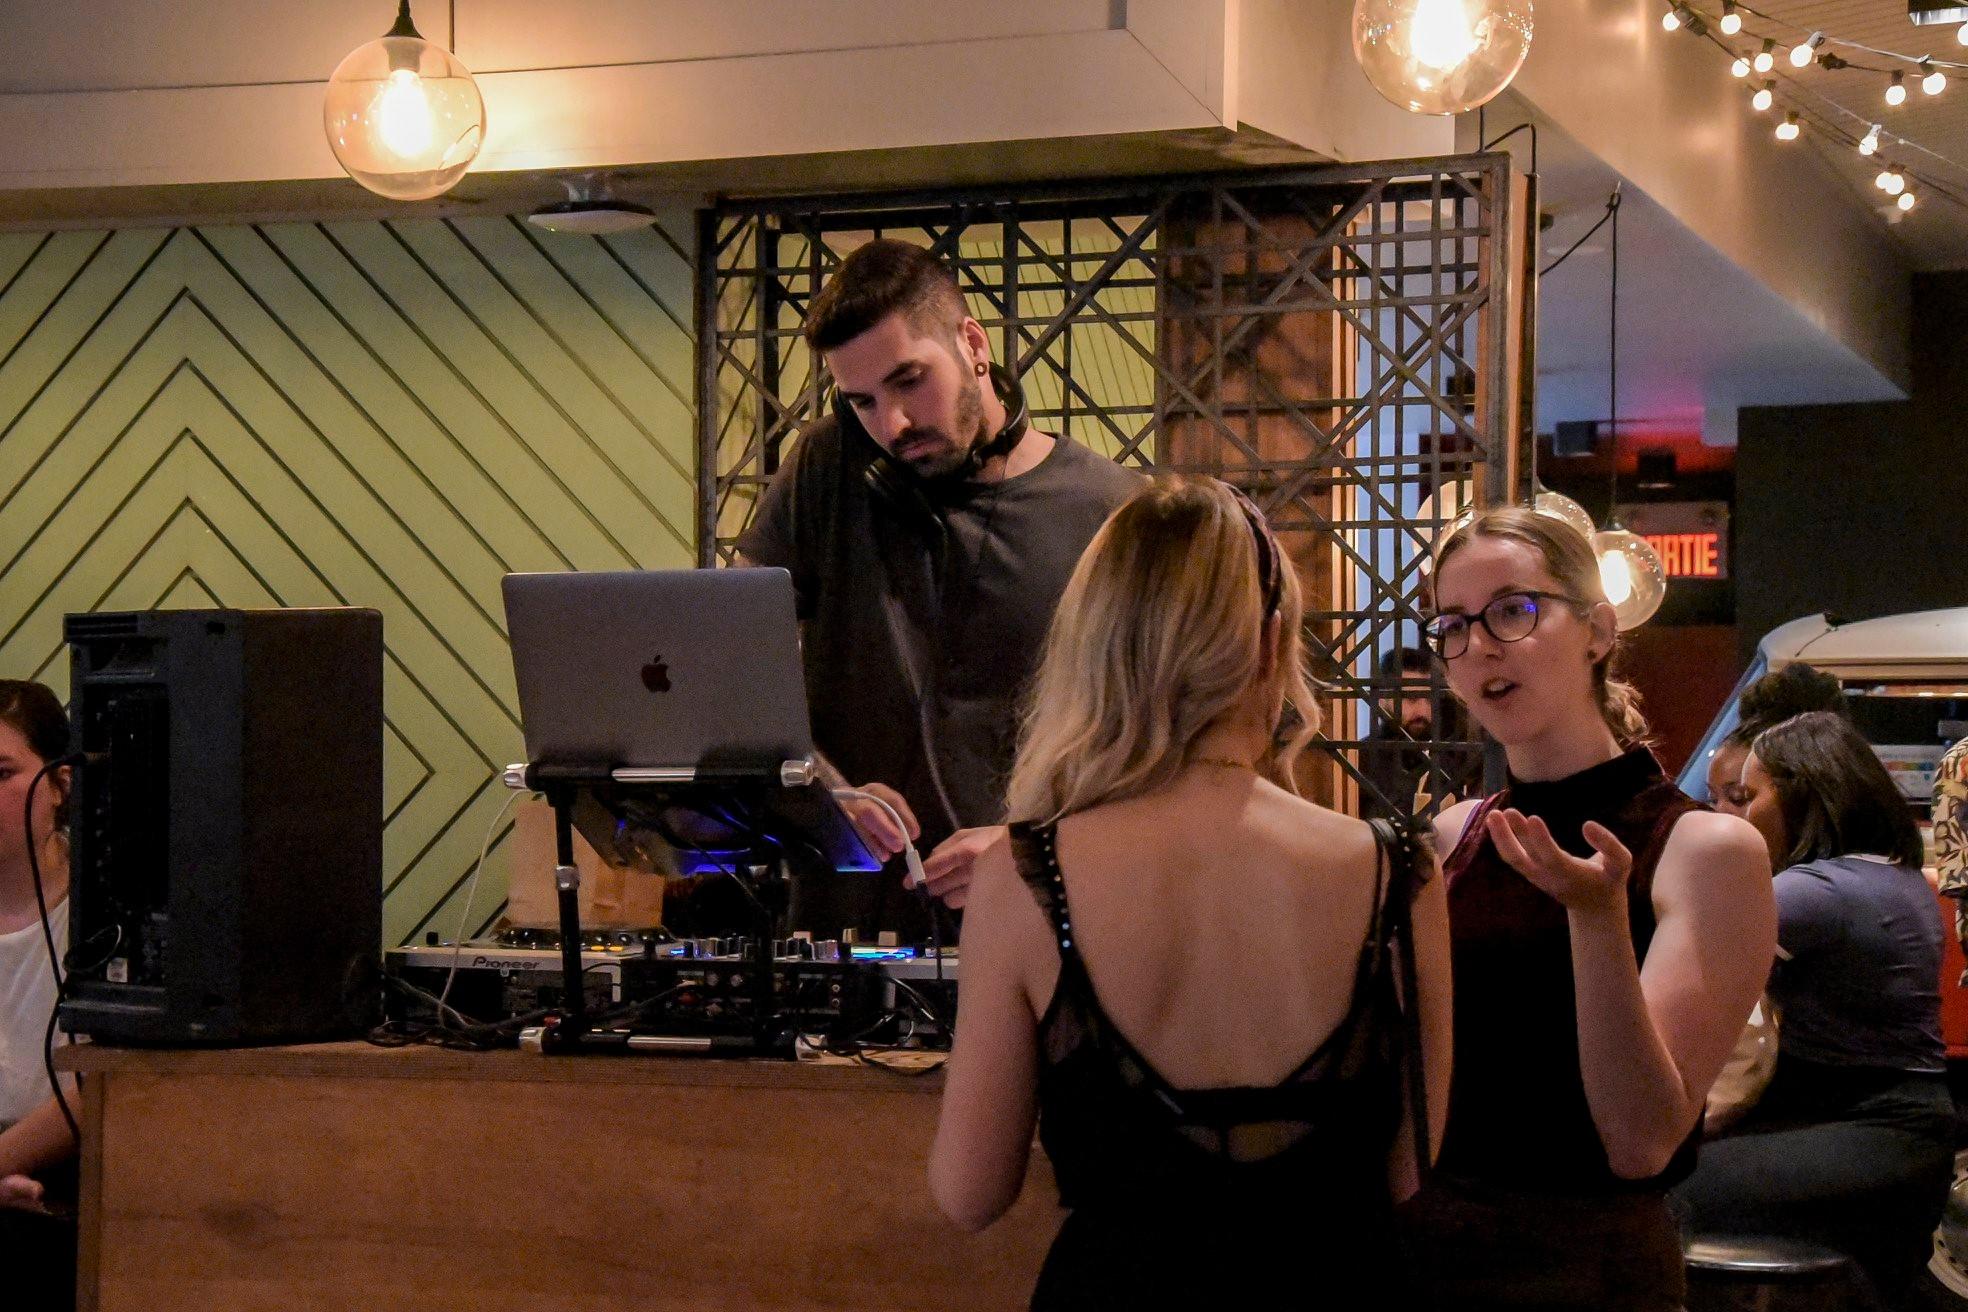 party 6 ans le cahier mtl bar dj